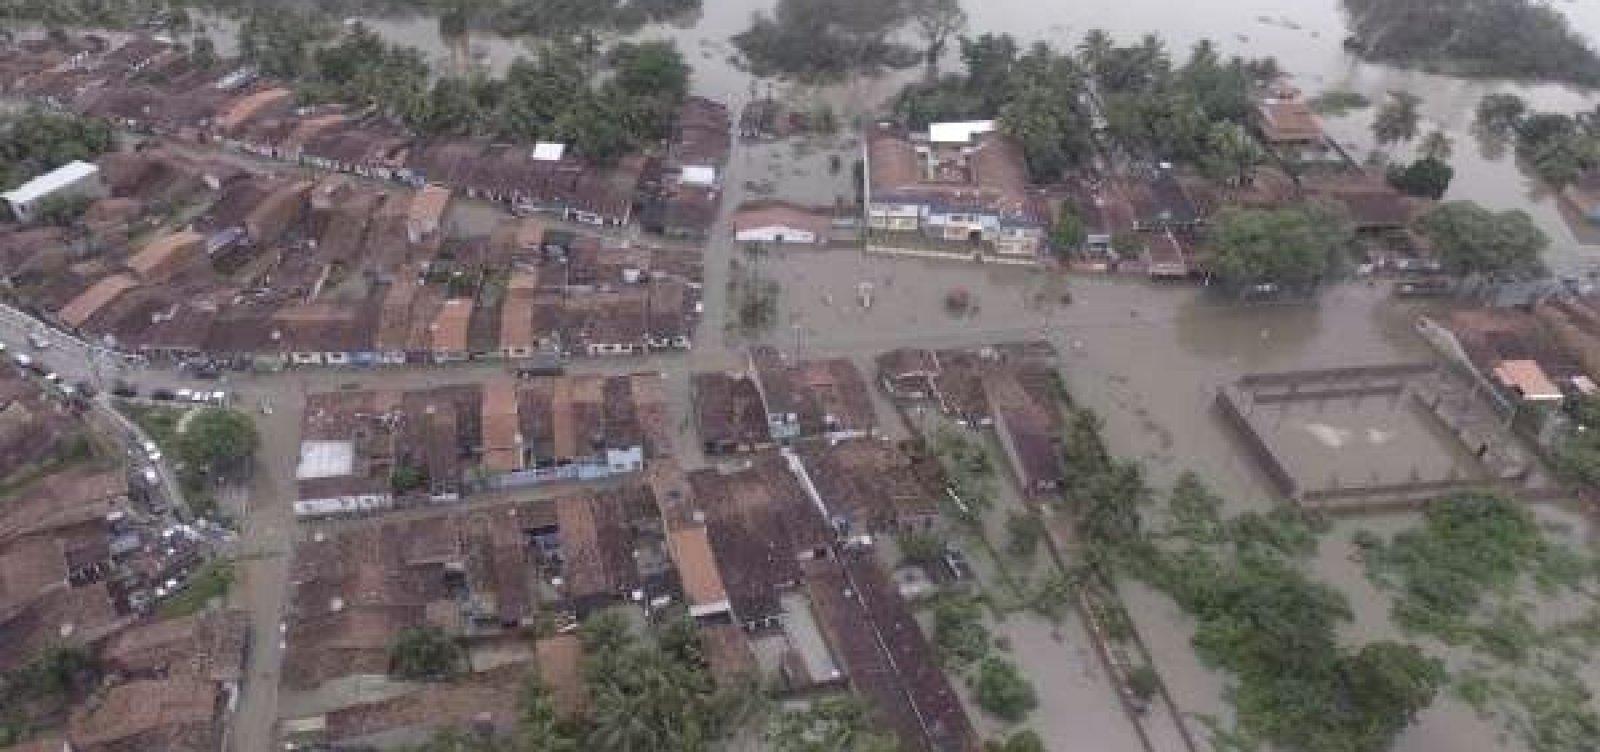 [Chuva deixa milhares de pessoas desabrigadas em parte do Nordeste ]